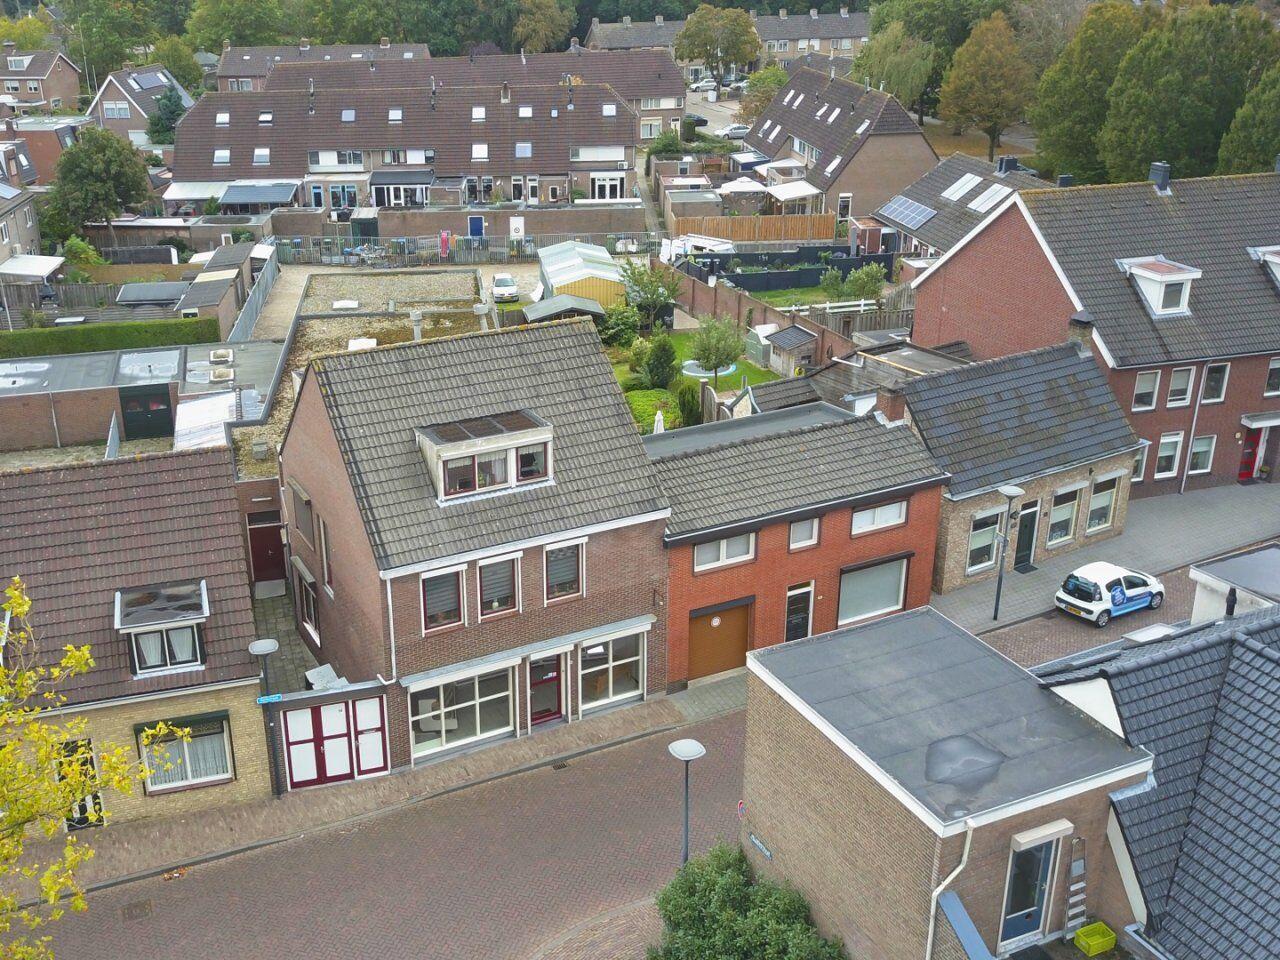 35457-kerkstraat_52-lepelstraat-1525474912